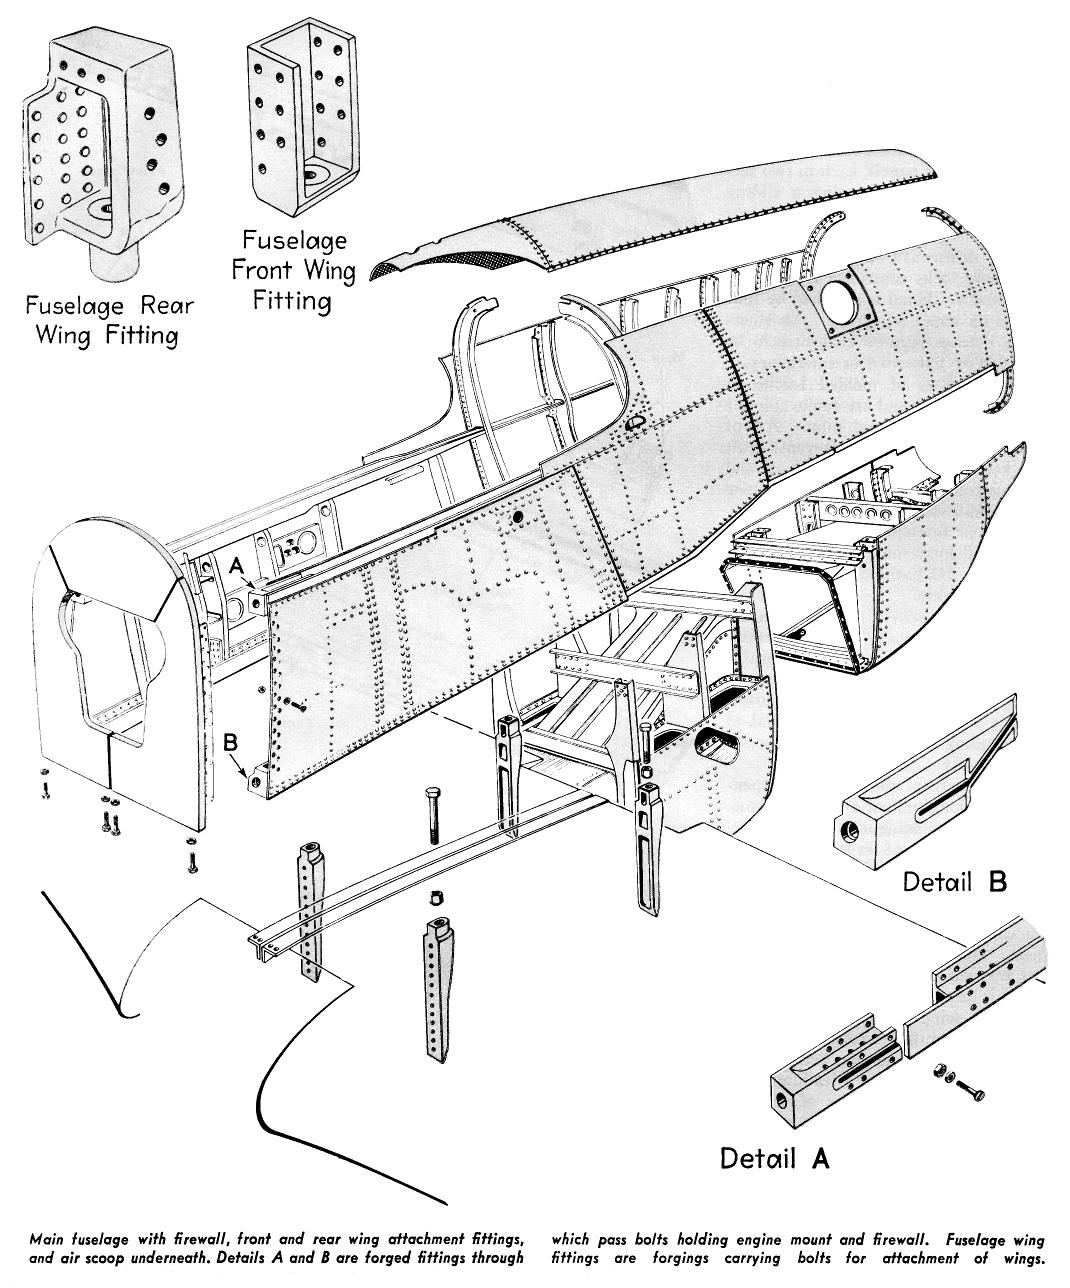 Американский истребитель р-51 мустанг | красные соколы нашей родины